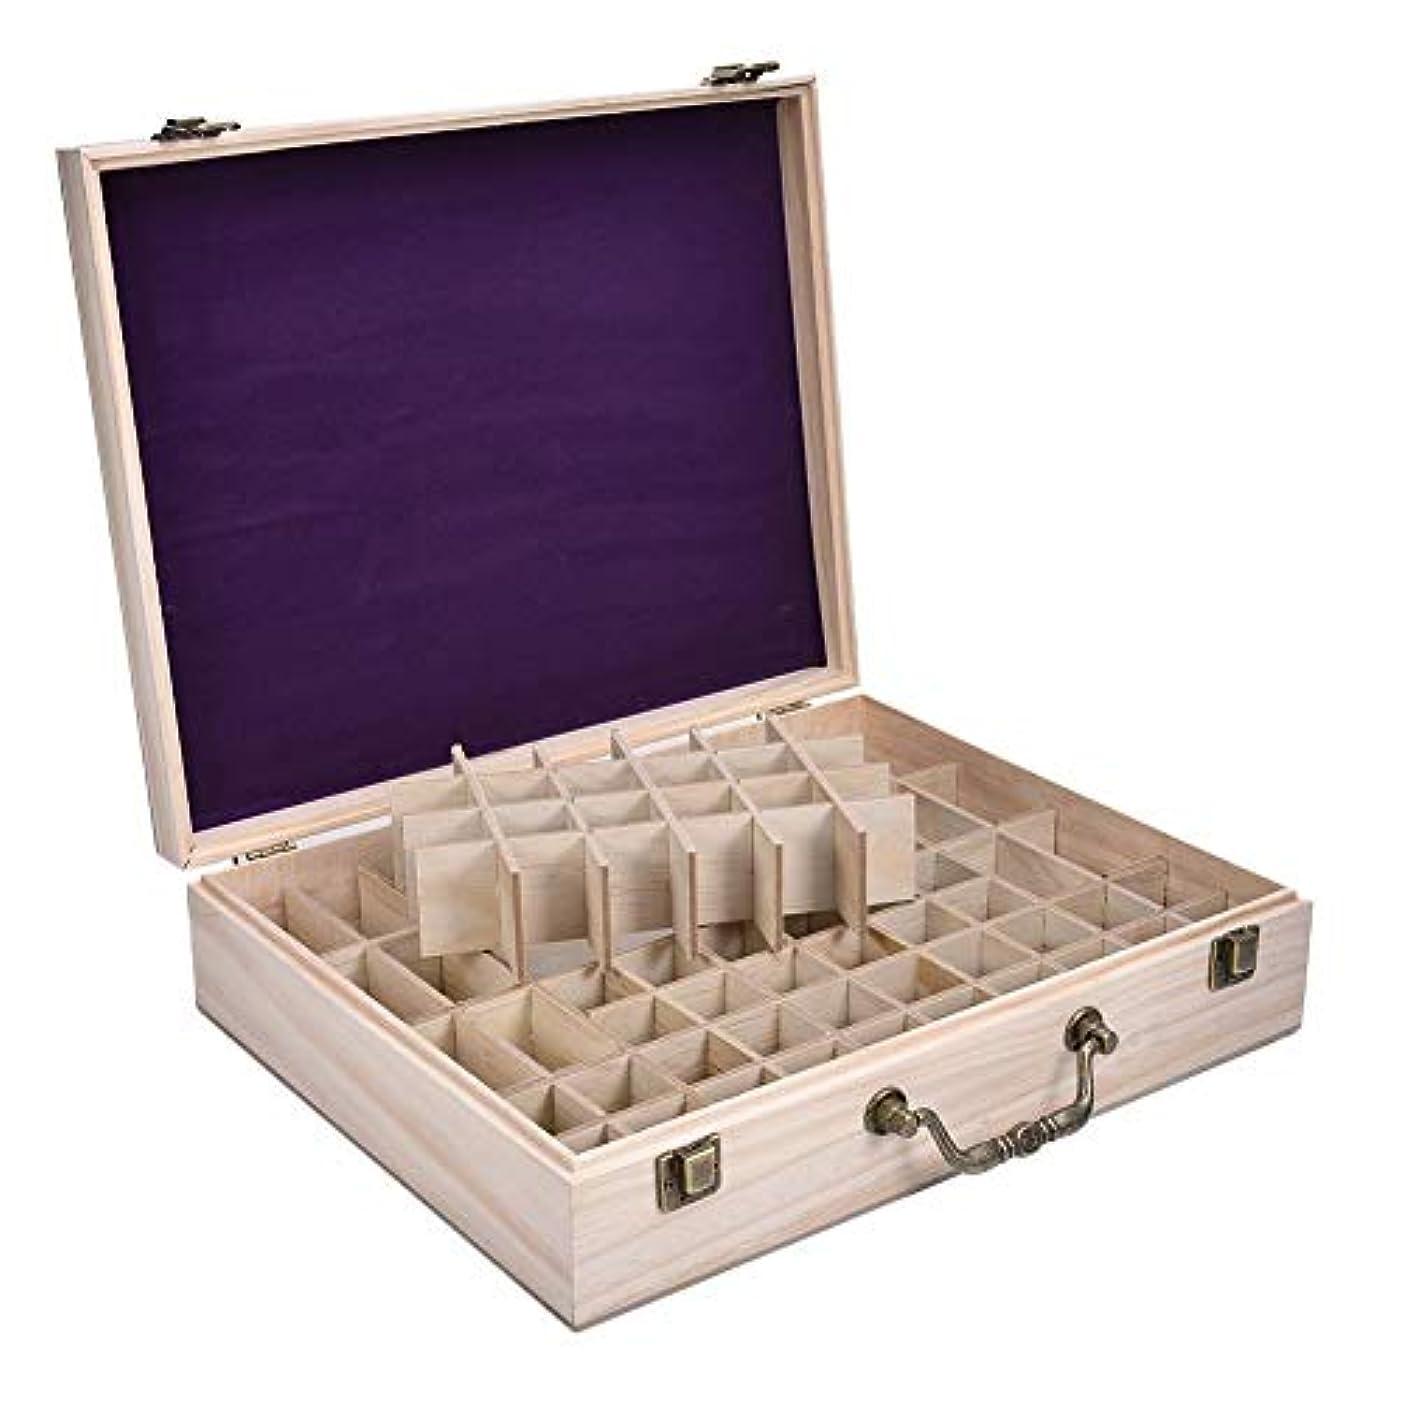 純正代わりにを立てるサドルエッセンシャルオイルボックス エッセンシャルオイル収納ボックス レトロ 和風 木製 精油収納 携帯便利 68本用